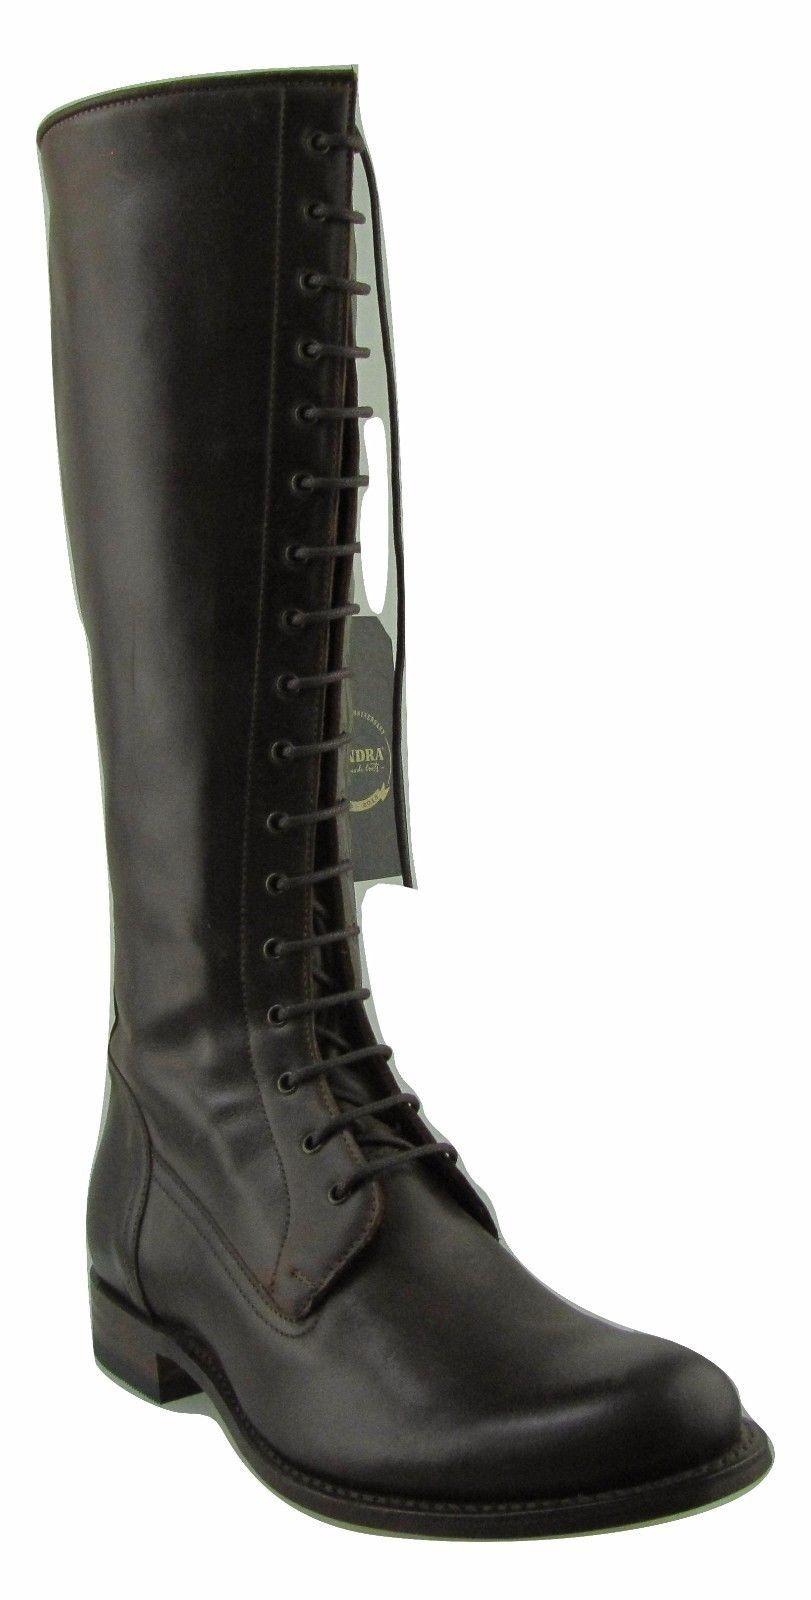 7277 7277 7277 Sendra botas de vaquero occidental de Cuero Marrón Biker hecho a mano de las Señoras Con Cordones  Precio por piso